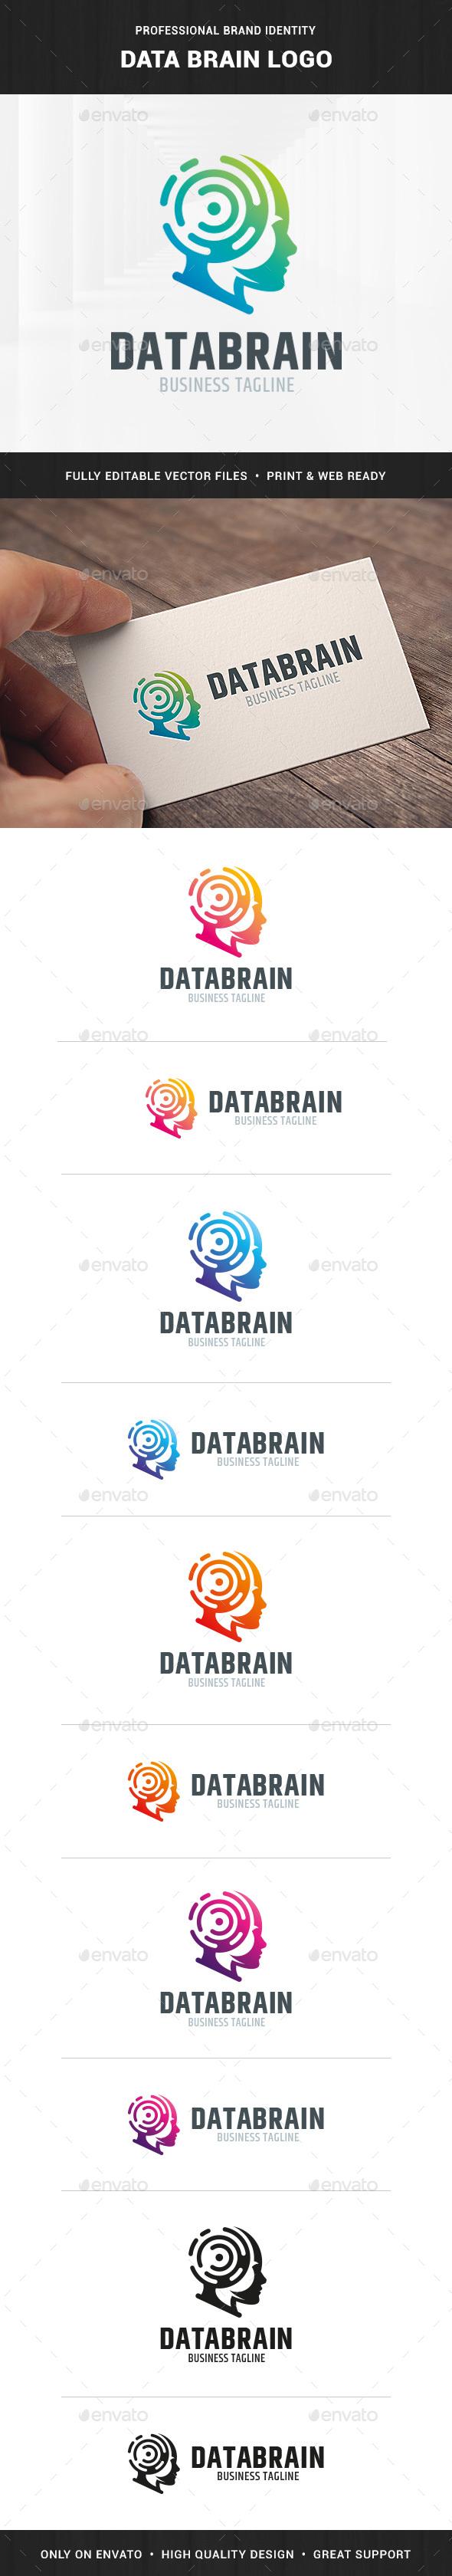 Data Brain Logo Template